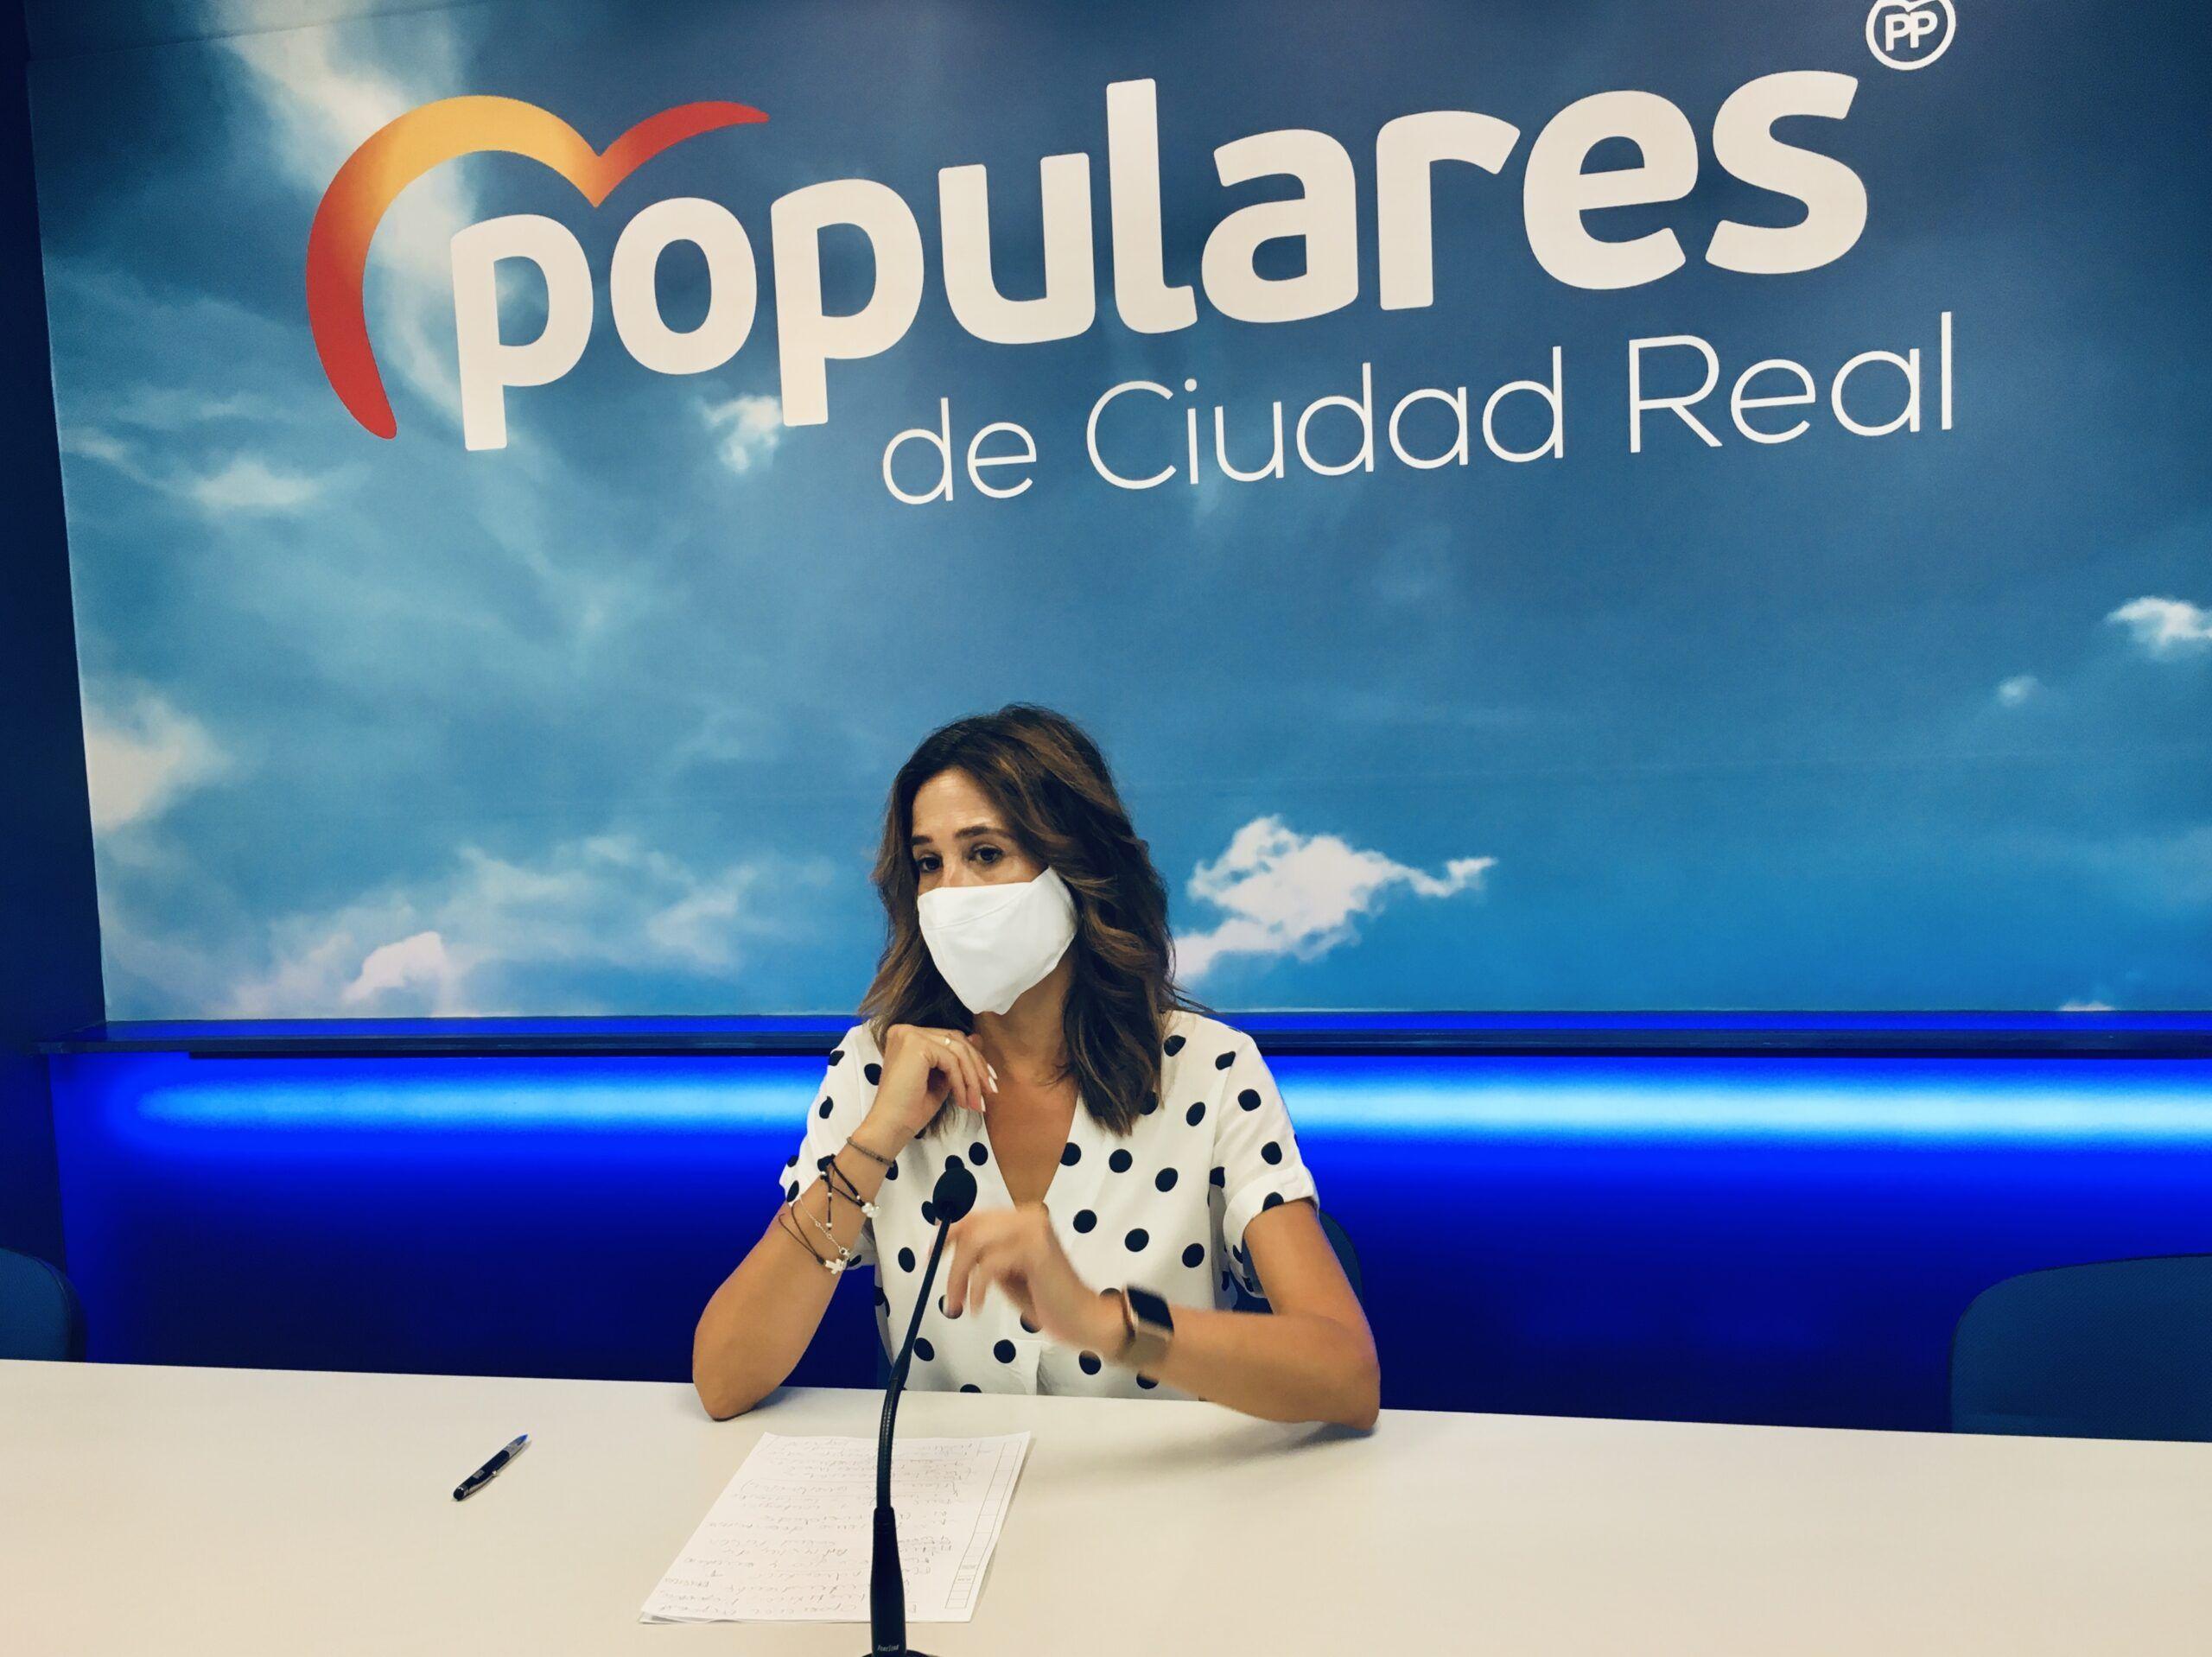 """Romero asegura que"""" hay motivos de sobra y justificados para que Pedro Sánchez dimita y convoque elecciones, por el bien de España y de los españoles"""""""